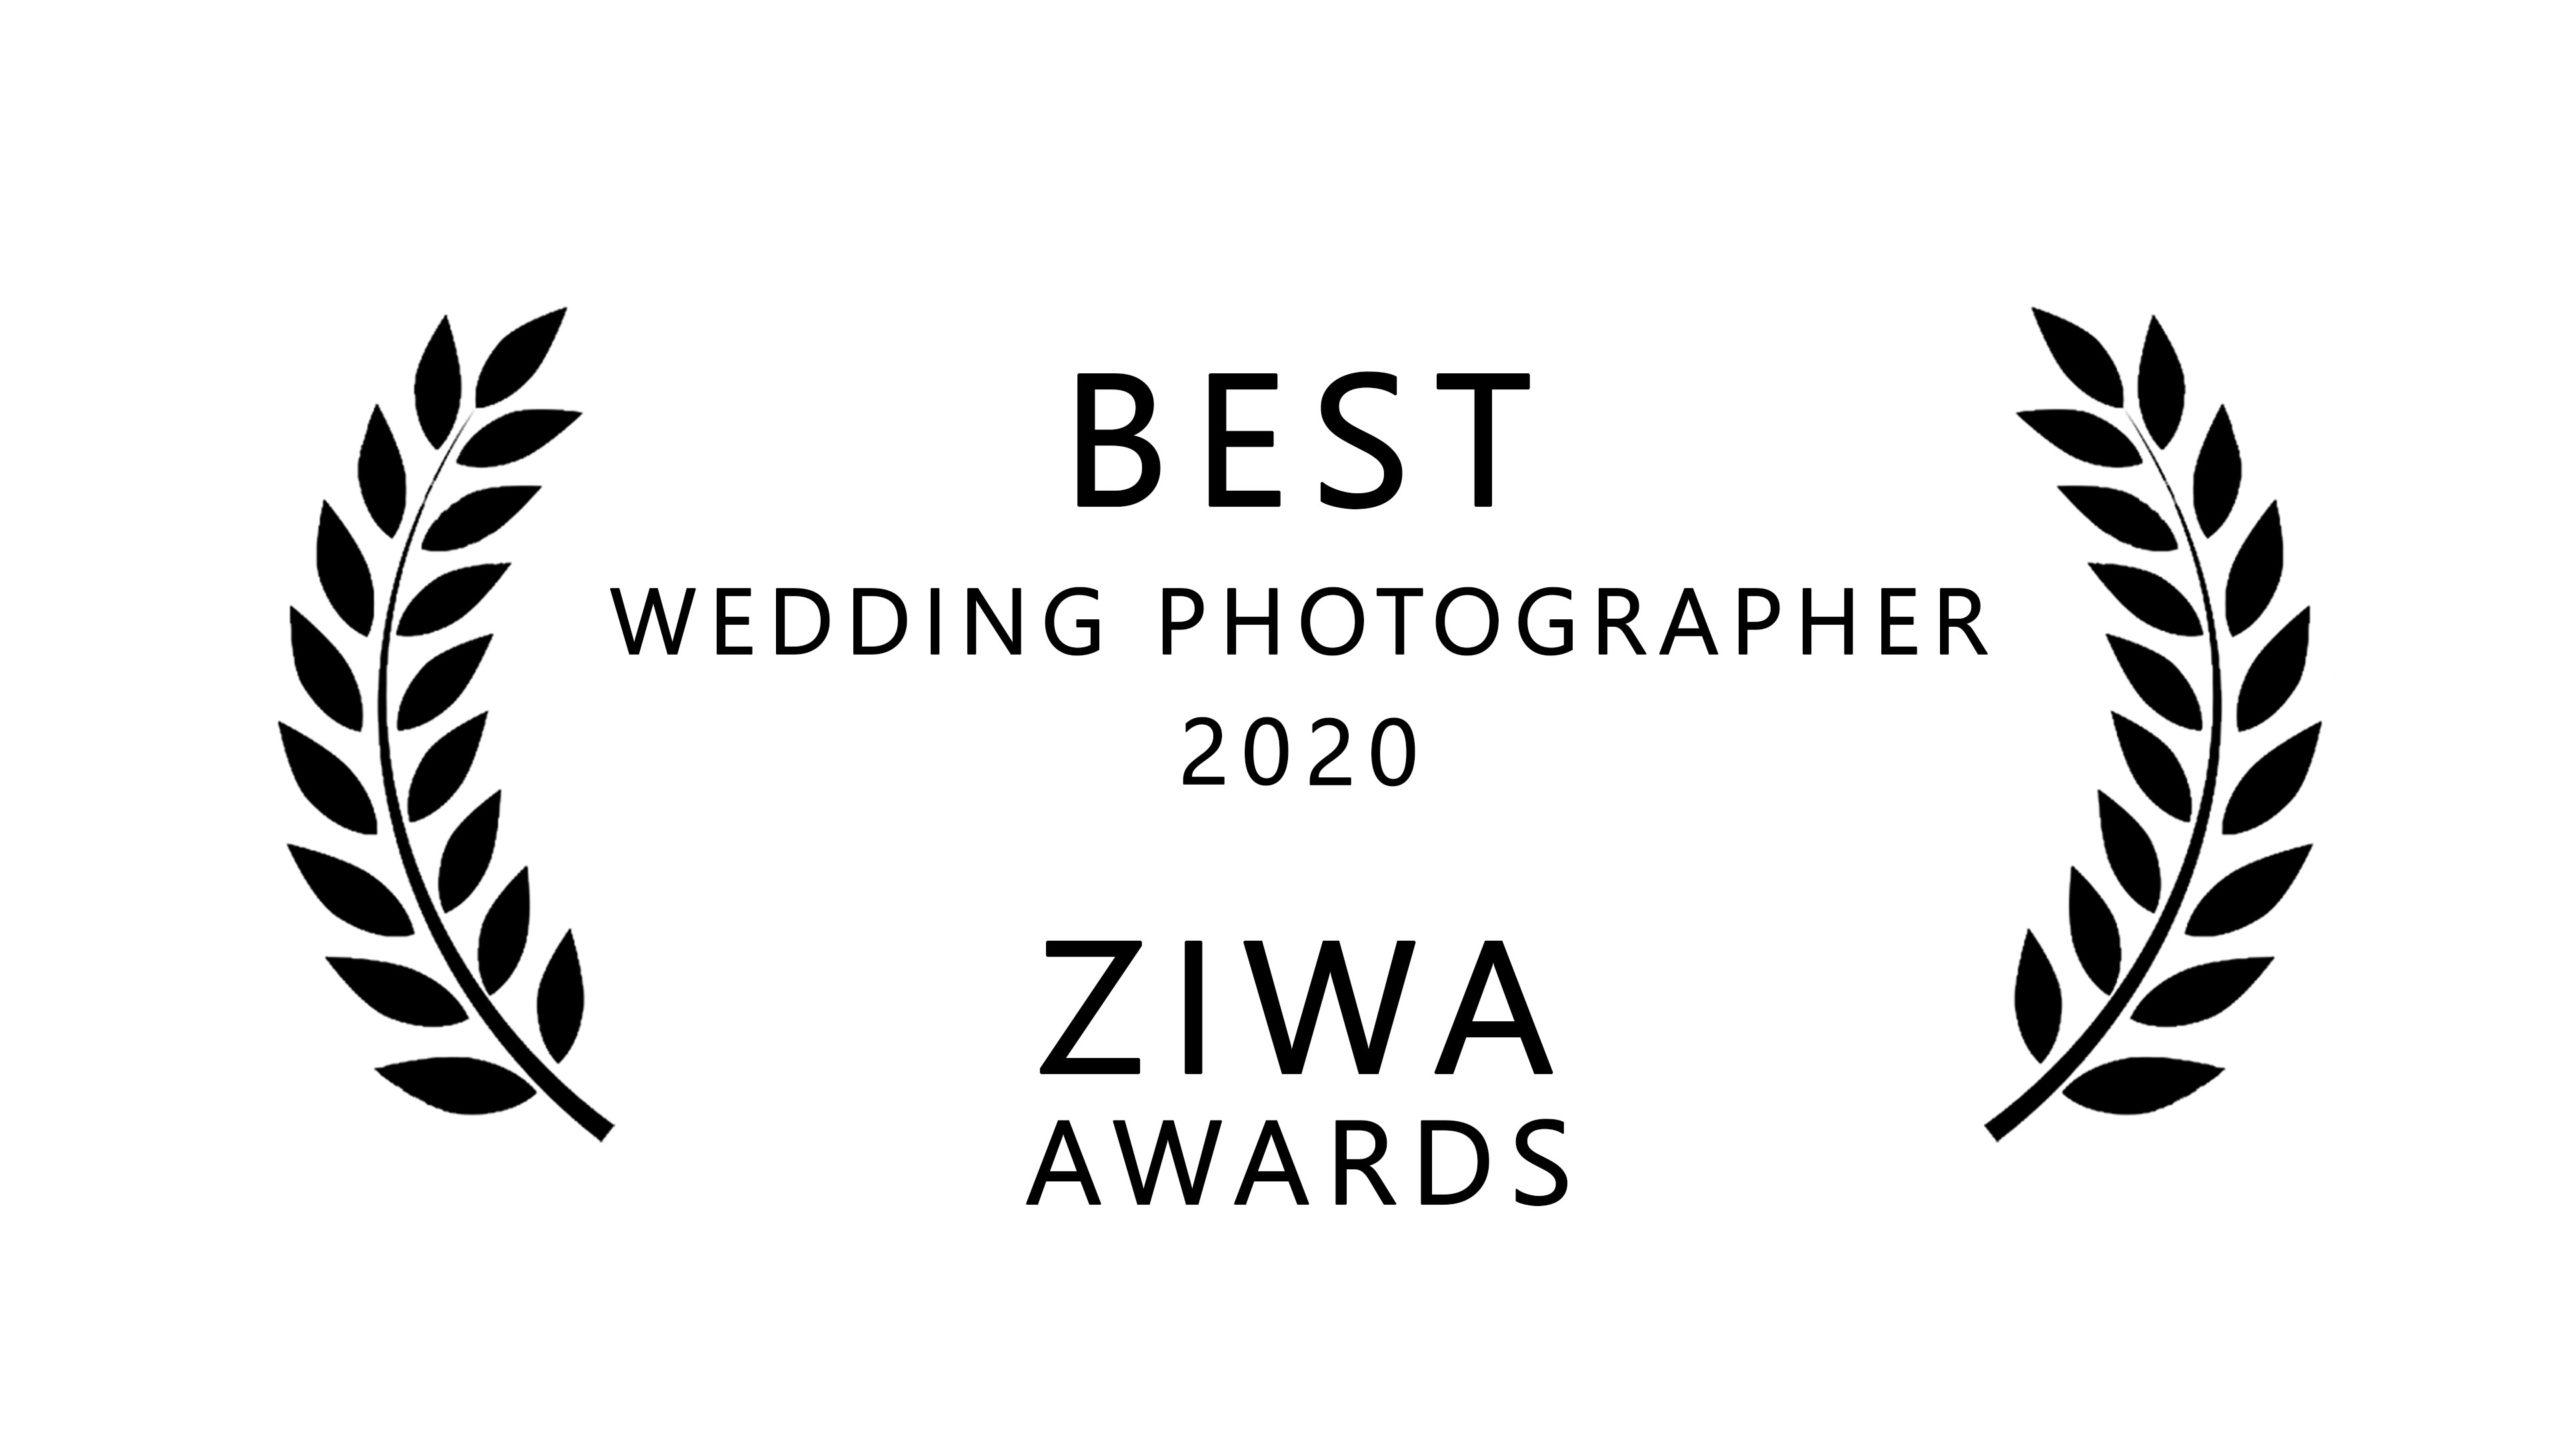 meilleur photographe mariage france